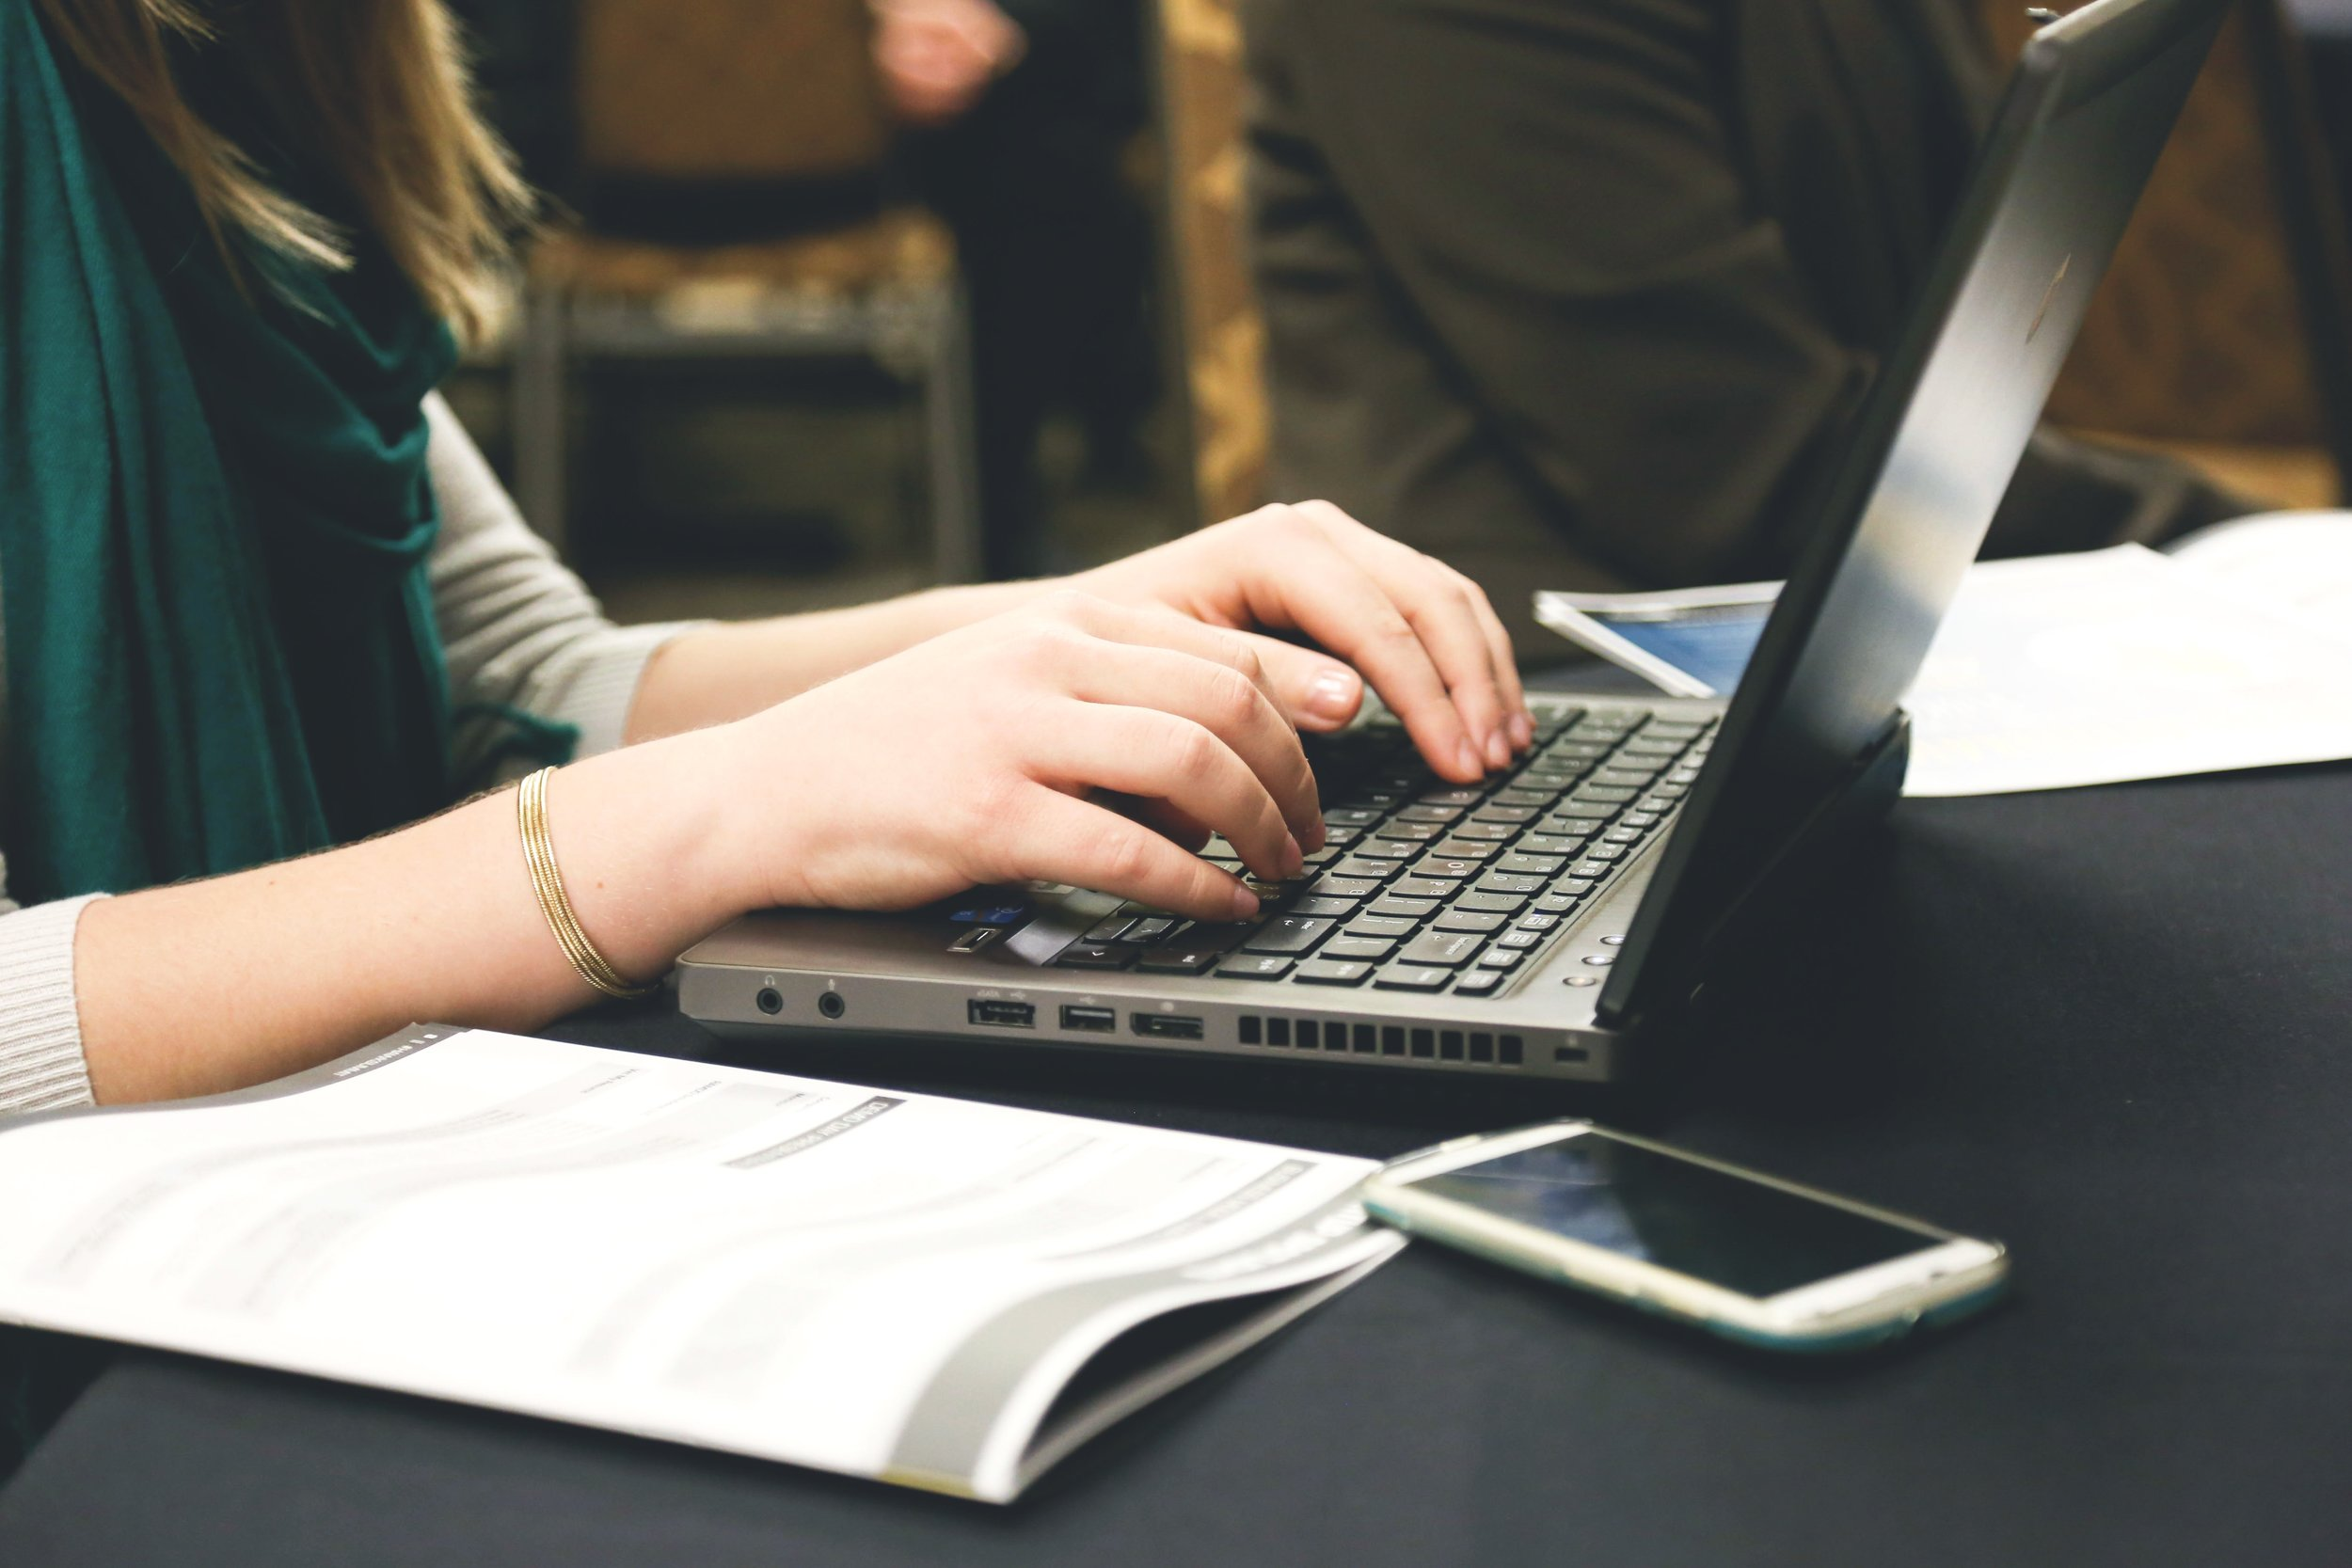 desk-email-laptop-7112.jpg